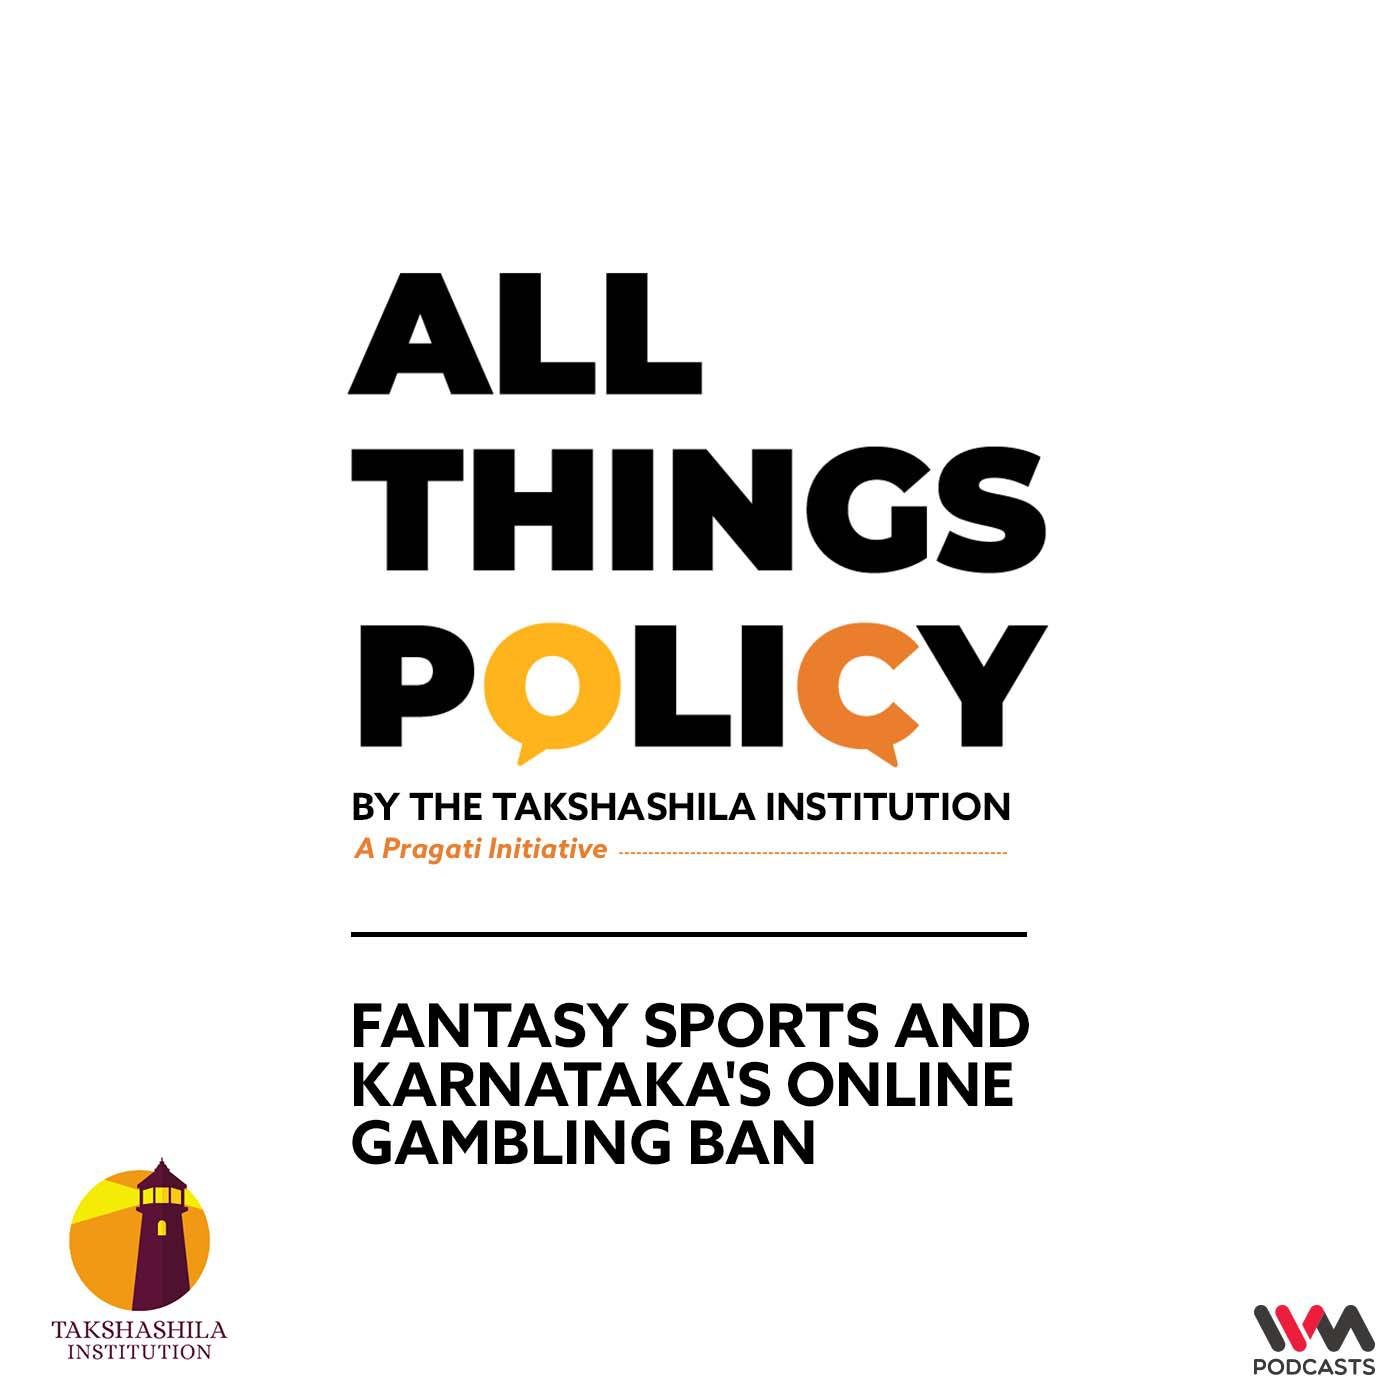 Fantasy Sports and Karnataka's Online Gambling Ban